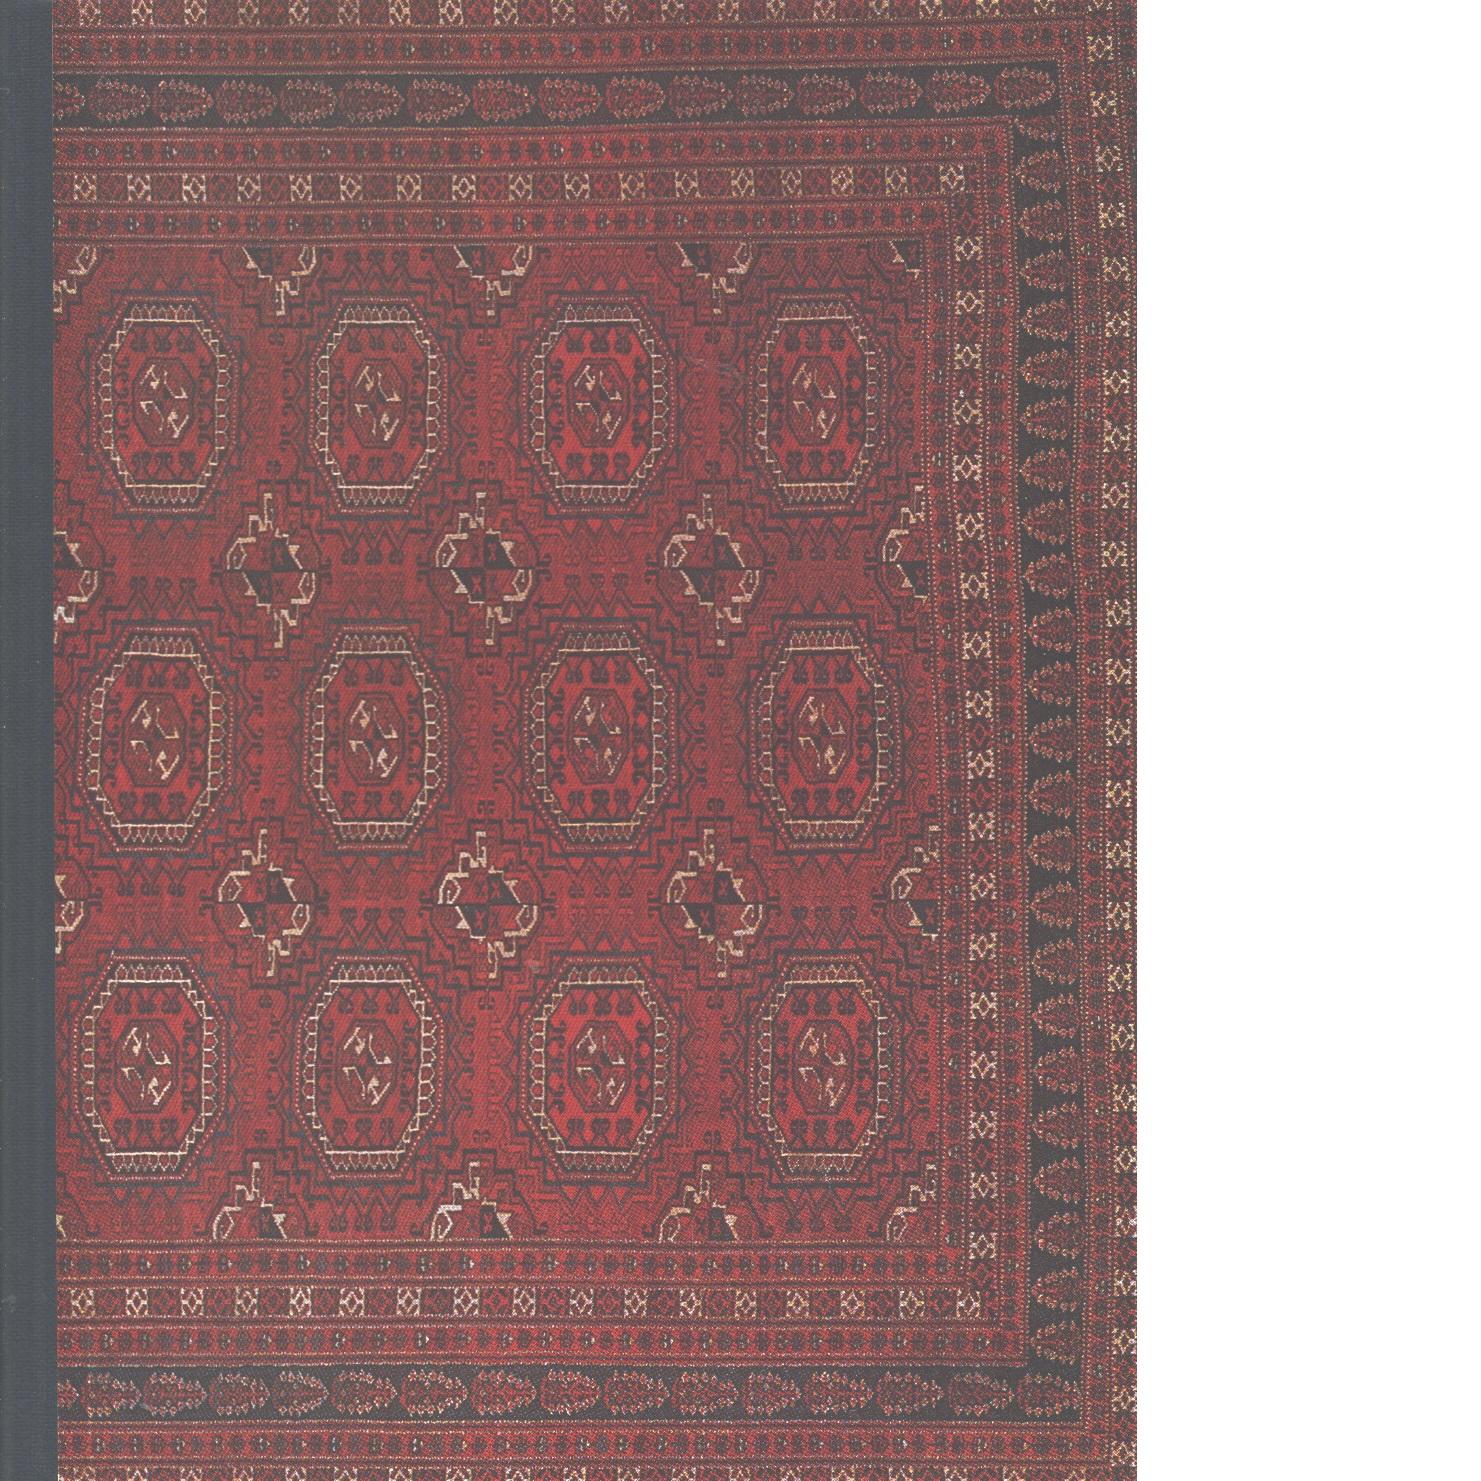 Orientaliska mattor. - Larson, Knut